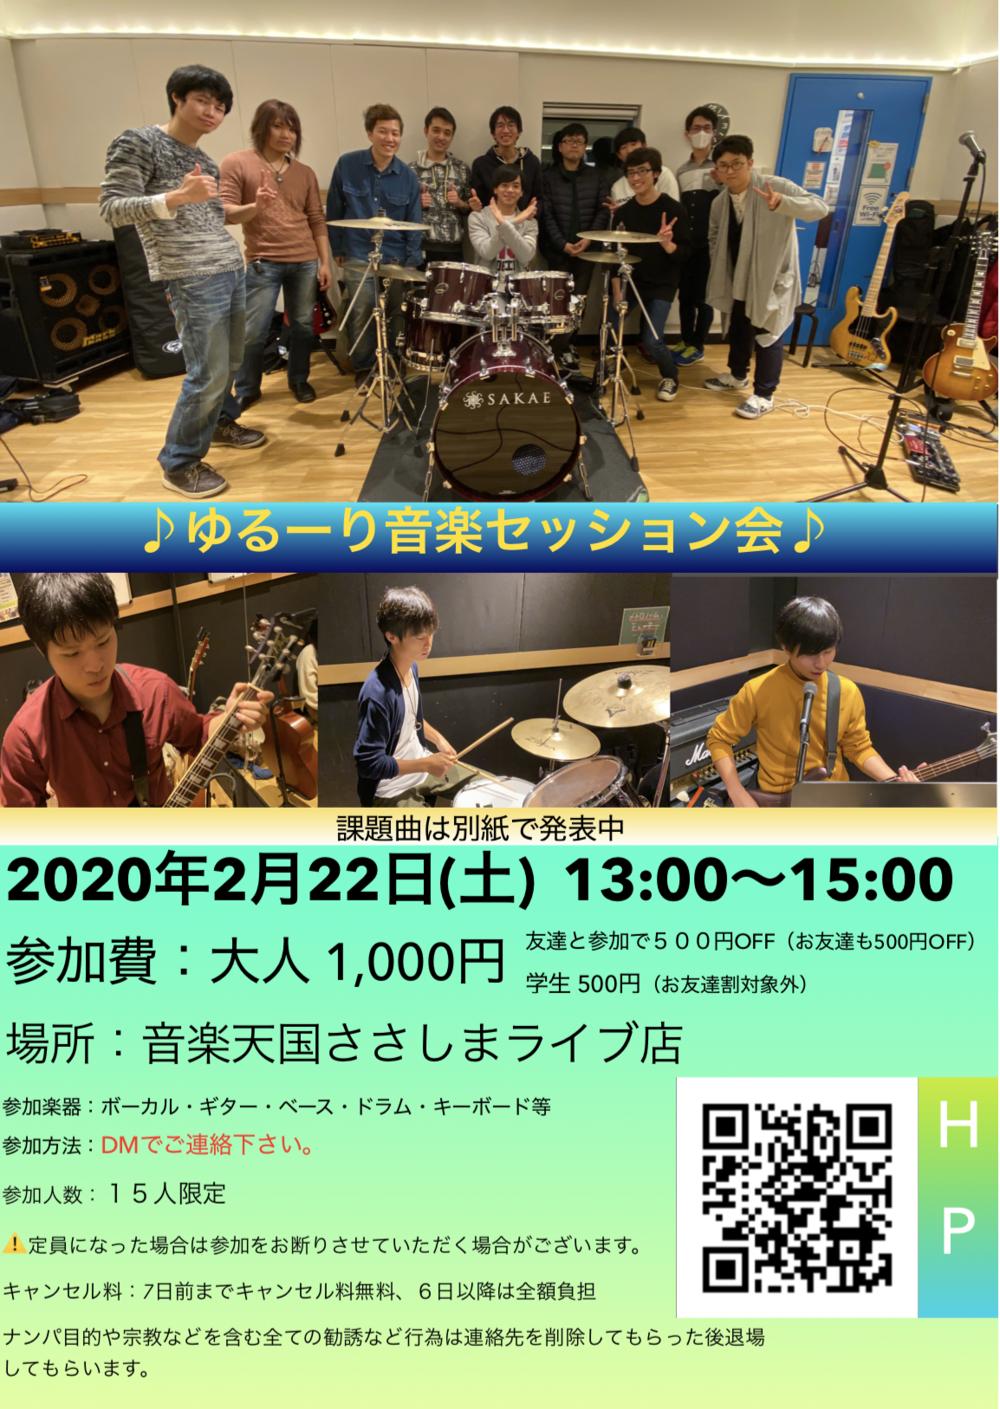 【2月22日開催】課題曲ができなくてもOK、ゆるーり音楽セッション会!